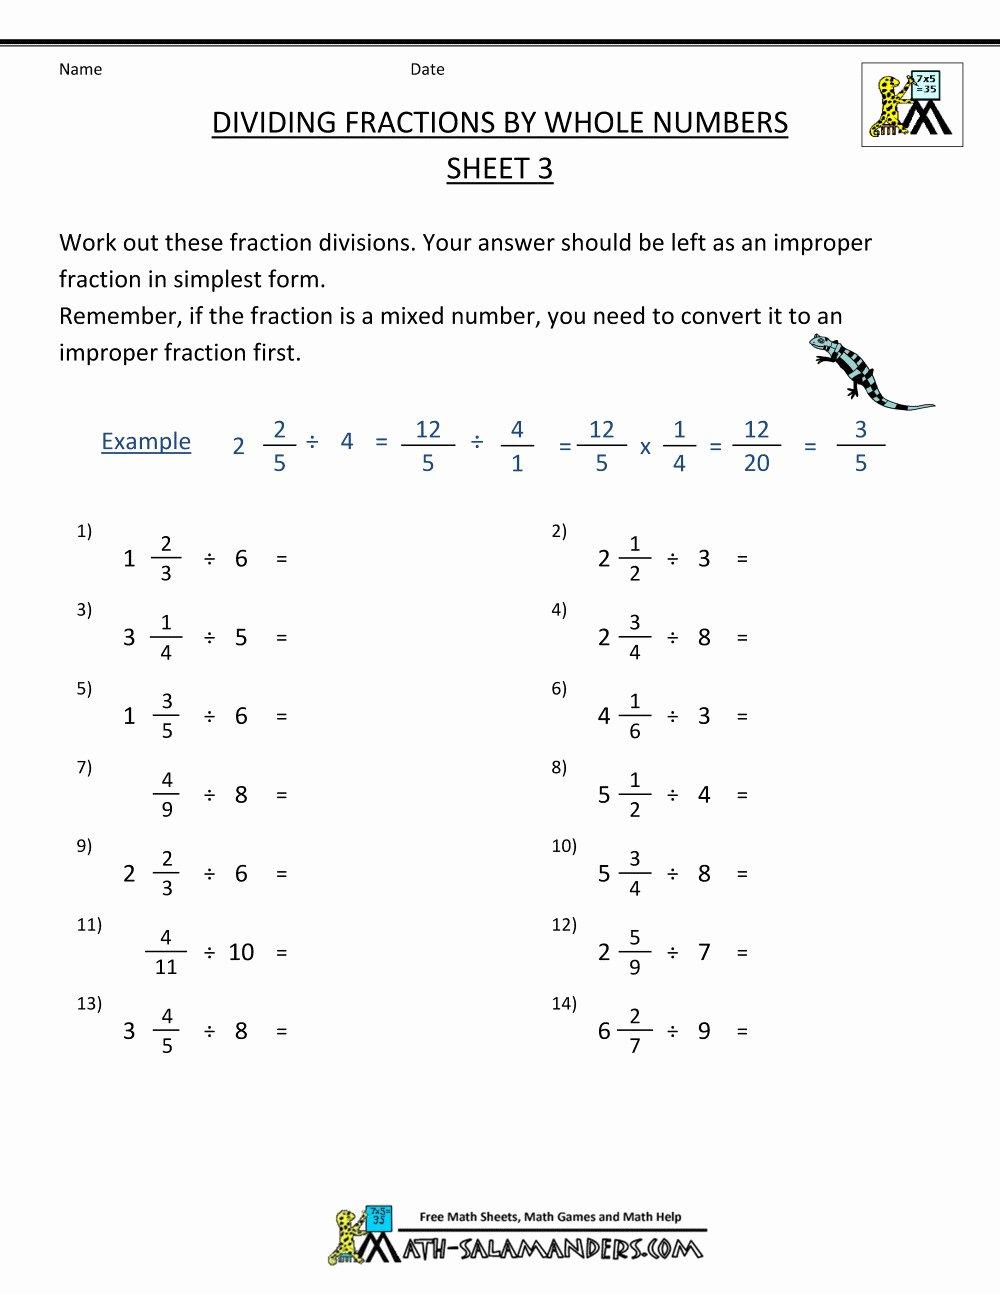 Dividing Fractions Worksheet Pdf Best Of order Operations with Fractions Worksheet Kuta